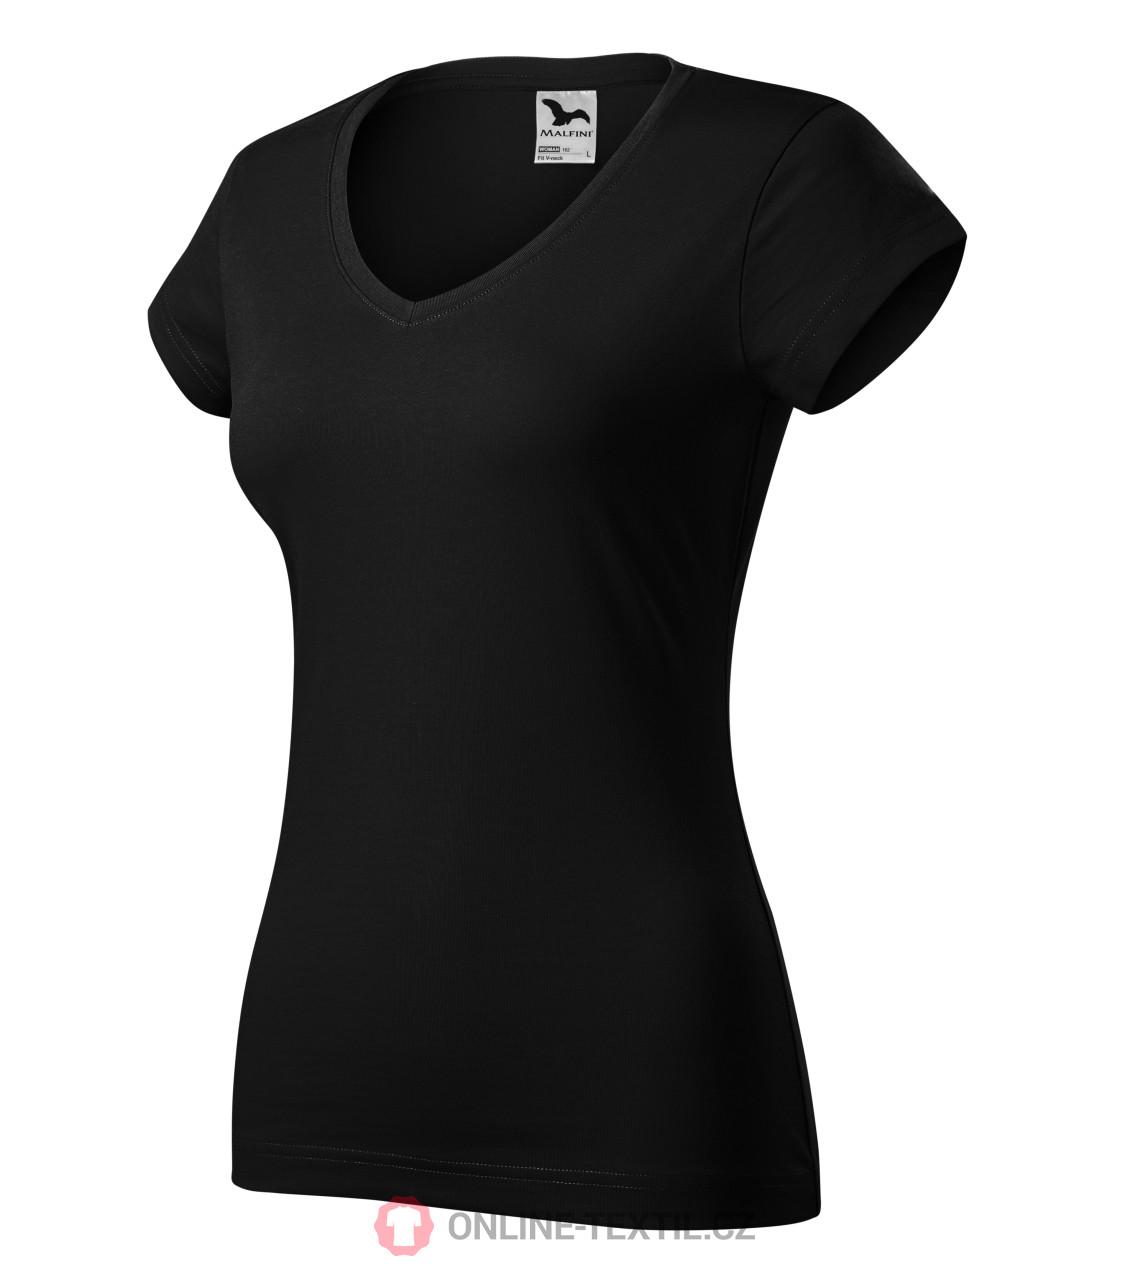 1d44d5cbb ADLER CZECH Fit V-neck tričko dámské vyšší gramáže 162 - černá z ...